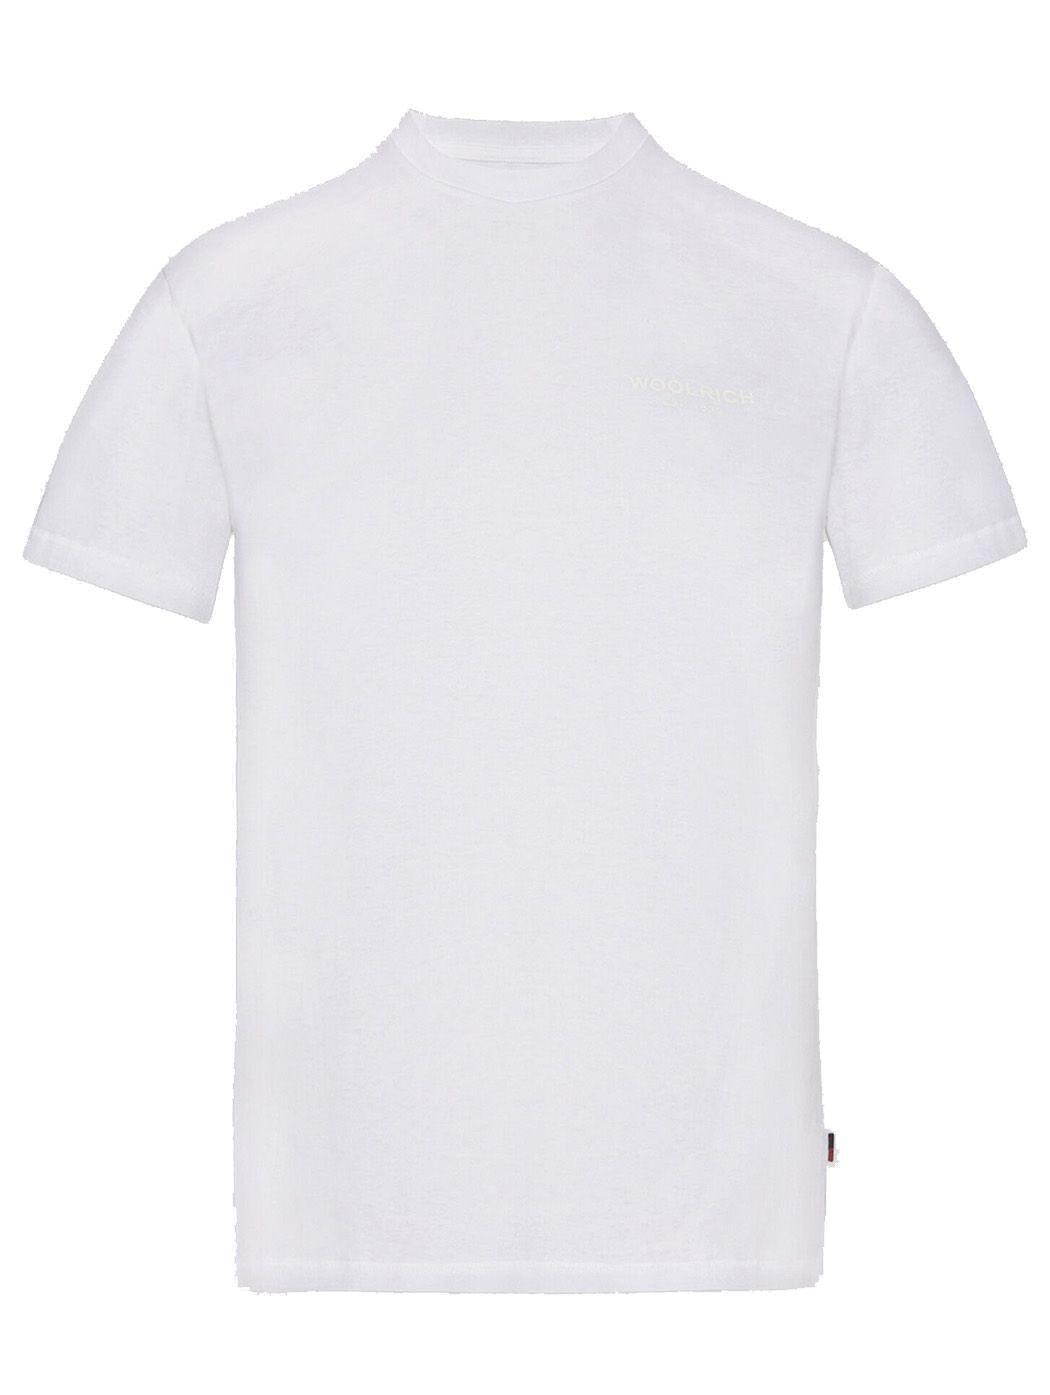 WOOLRICH Women's Logo T-Shirt